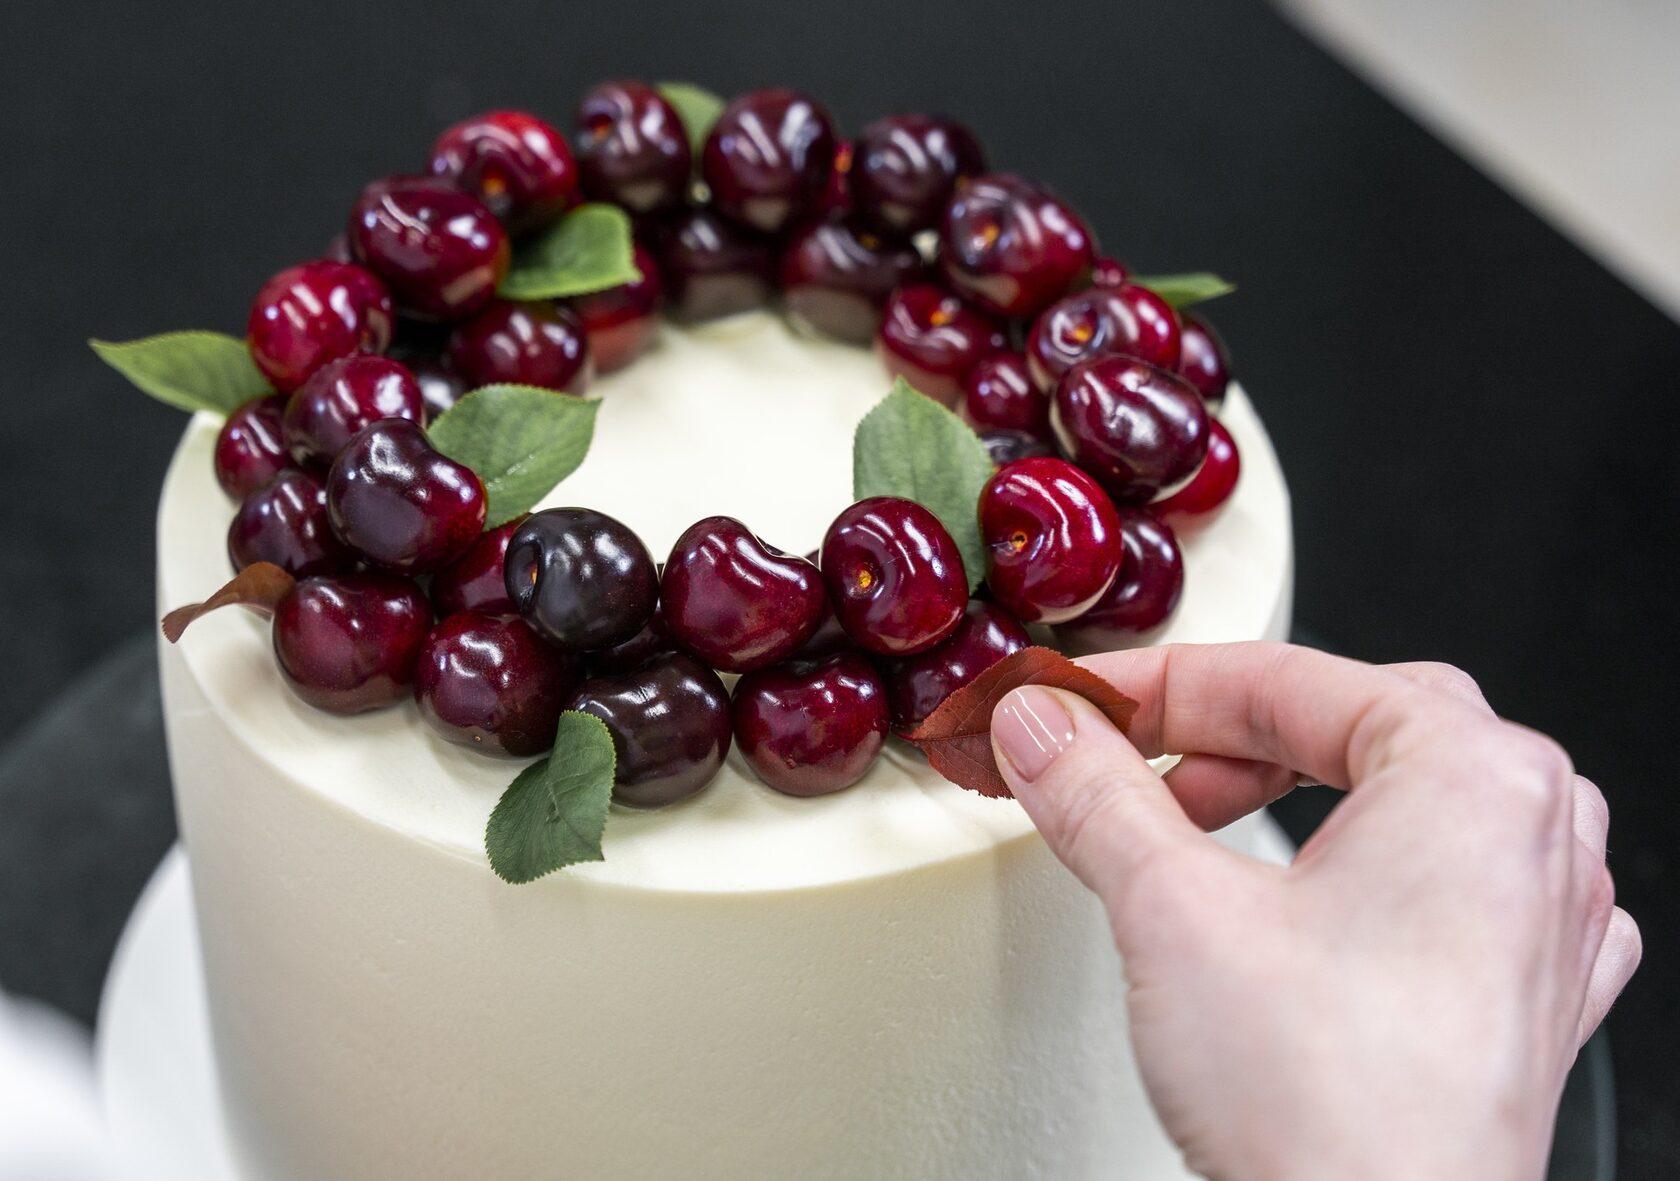 Cherry velvet honey cake decorating